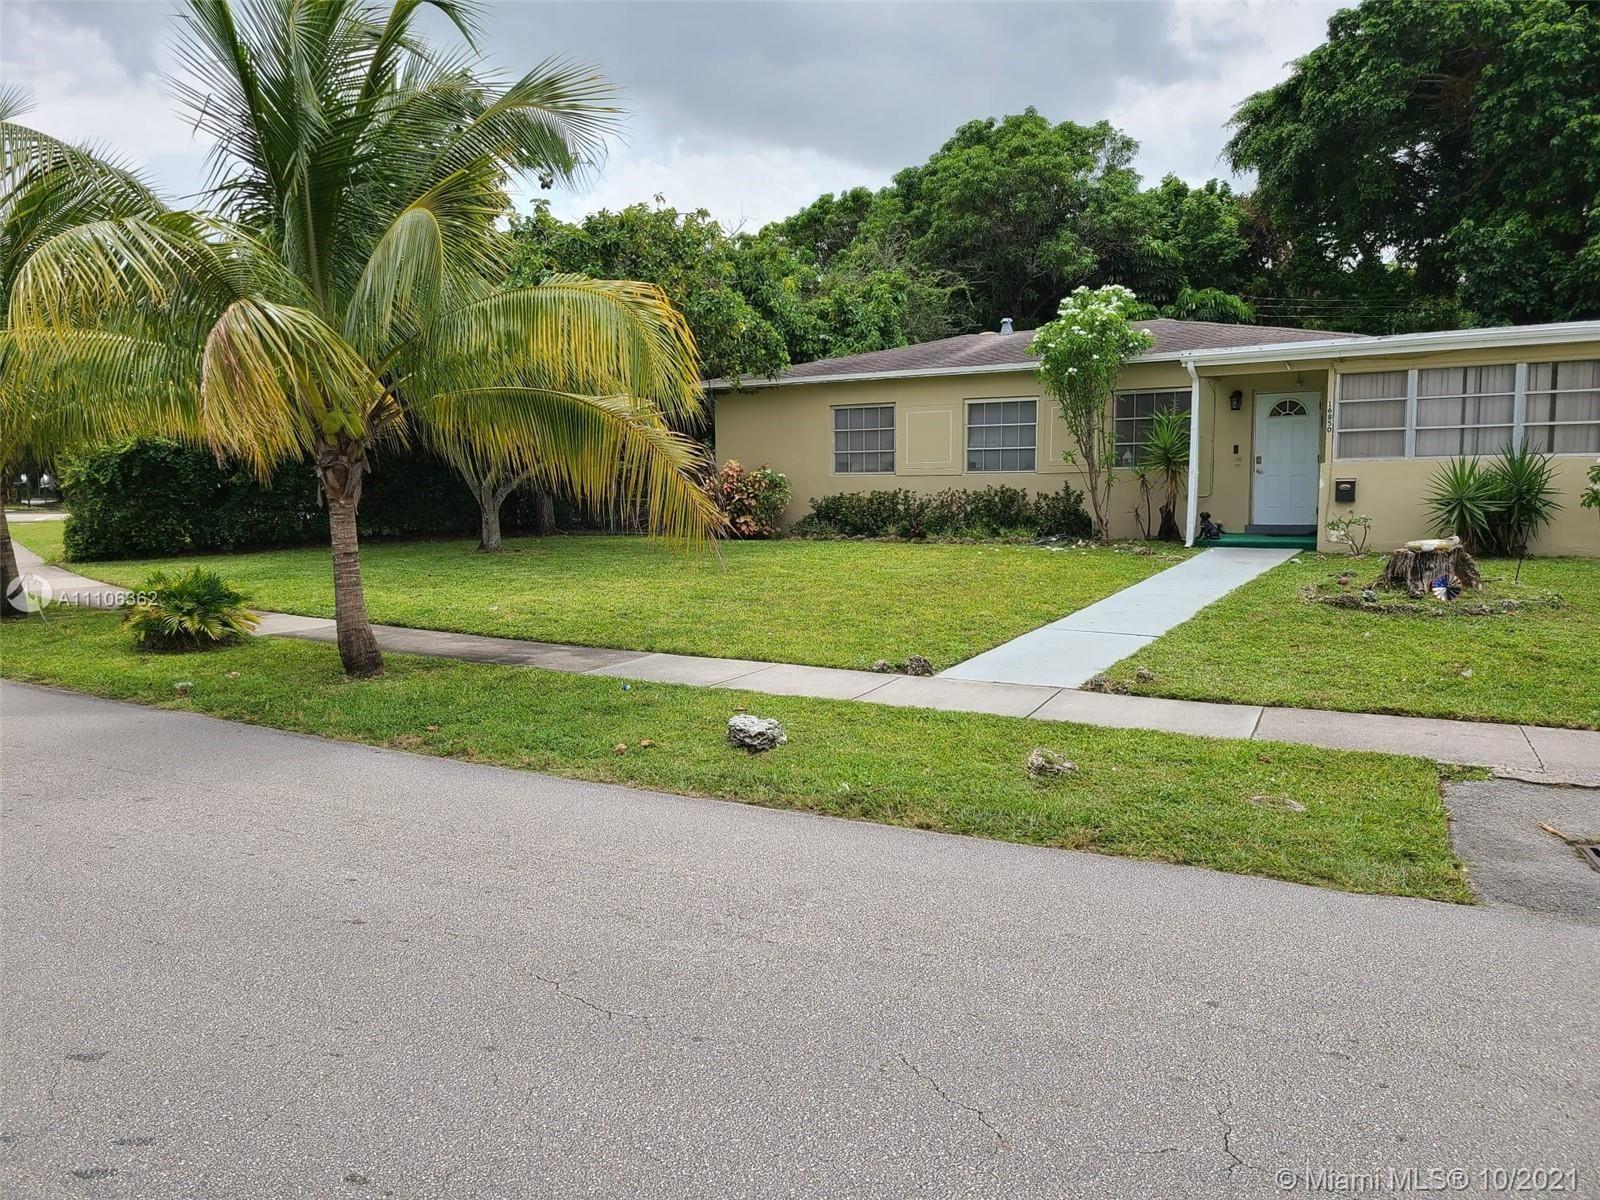 16850 NE 8th Ave, North Miami Beach, FL 33162 - #: A11106362